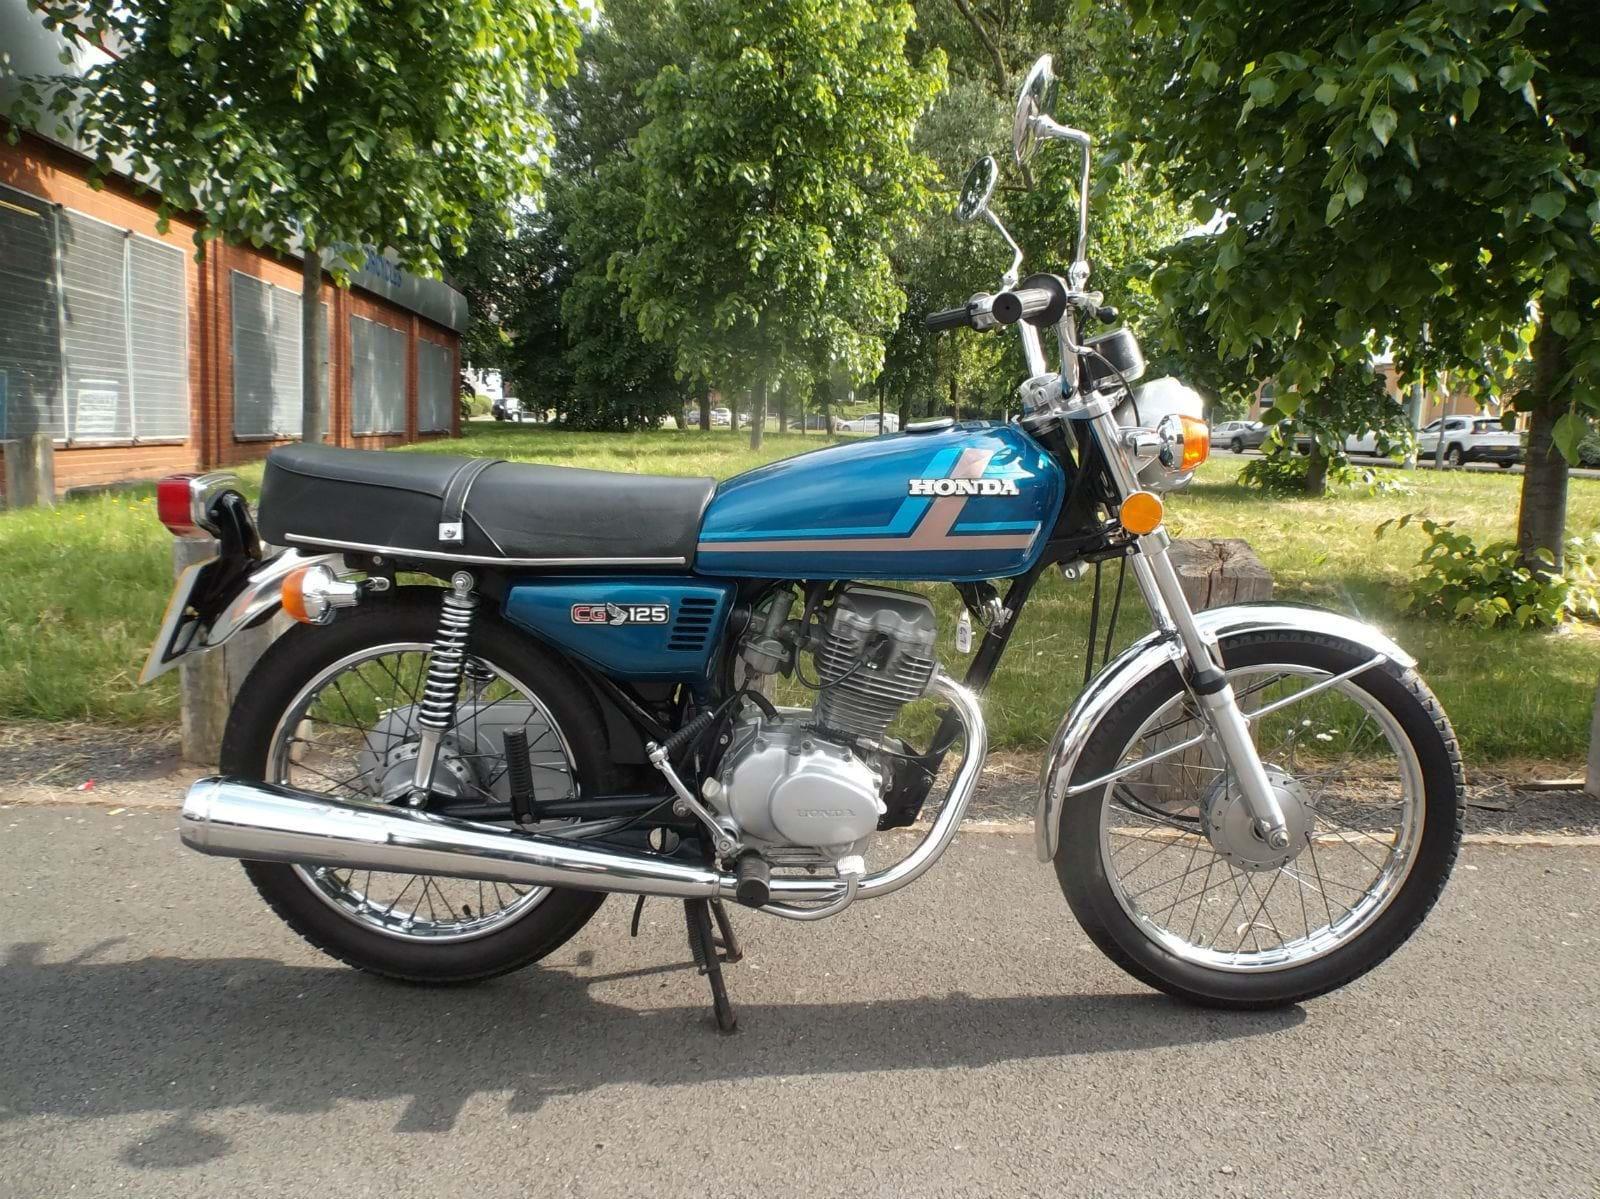 Chwalebne For Sale: Honda CG125 • The Bike Market KO43